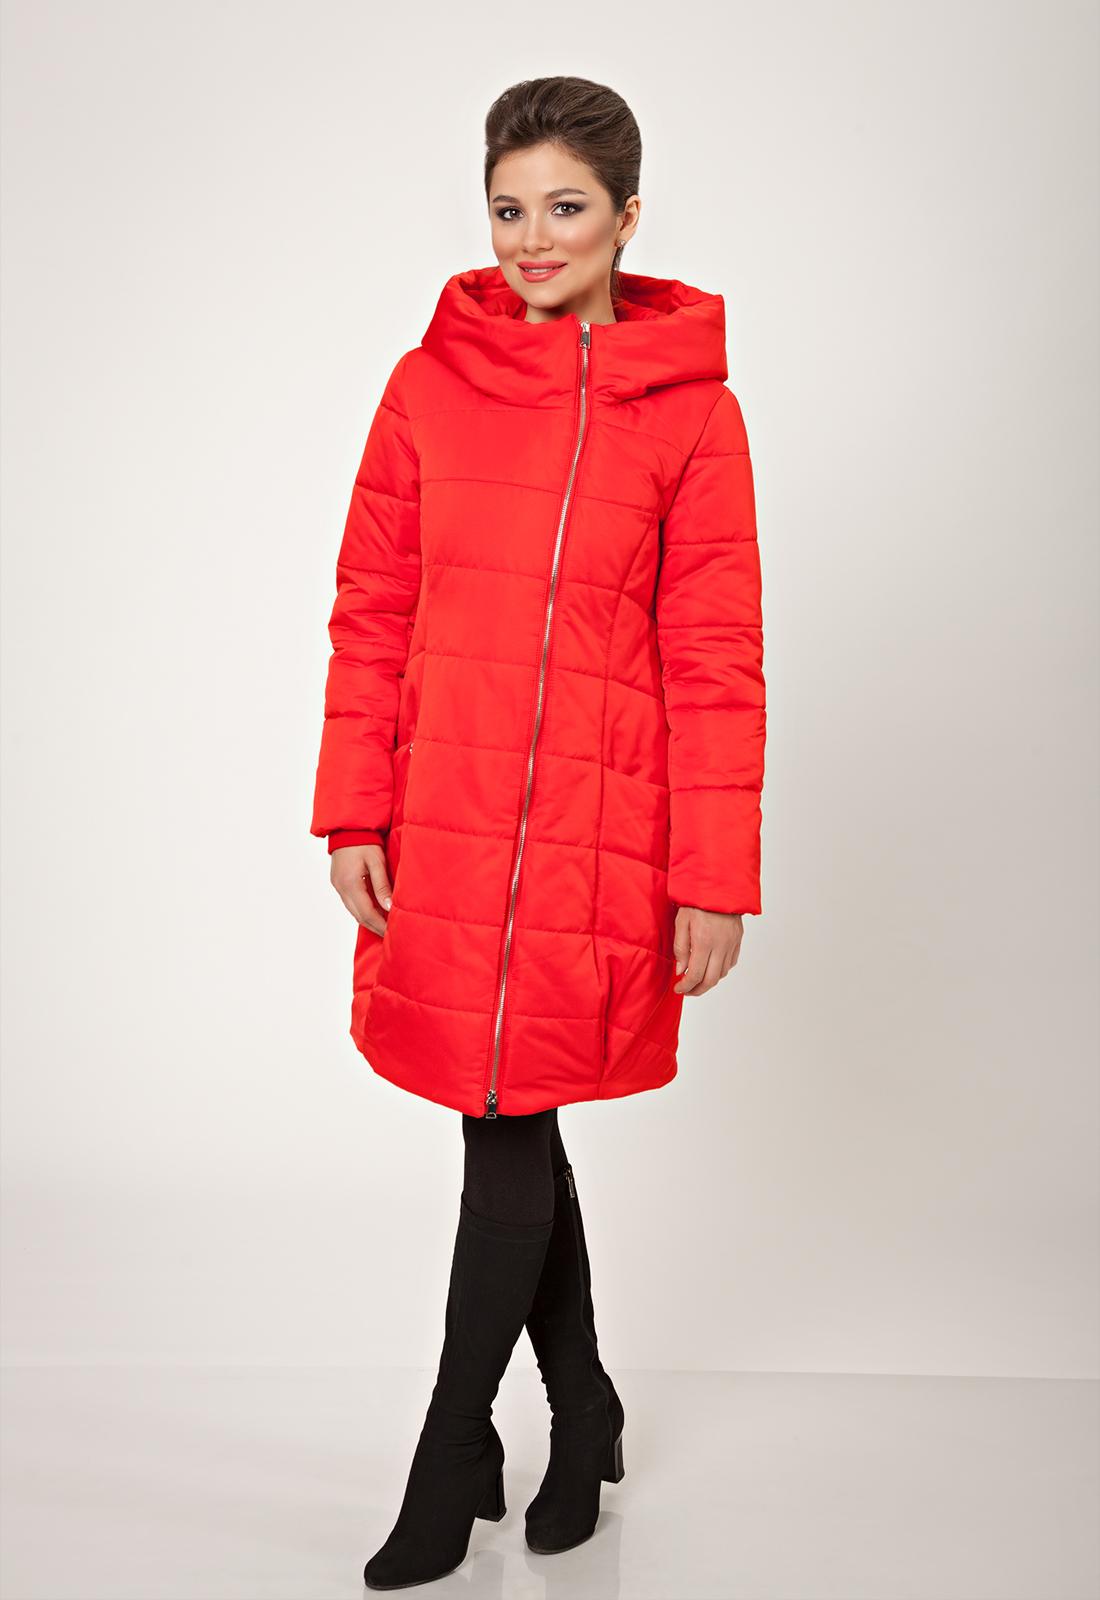 Пальто пуховики женские интернет магазин зимние спортивные штаны женские